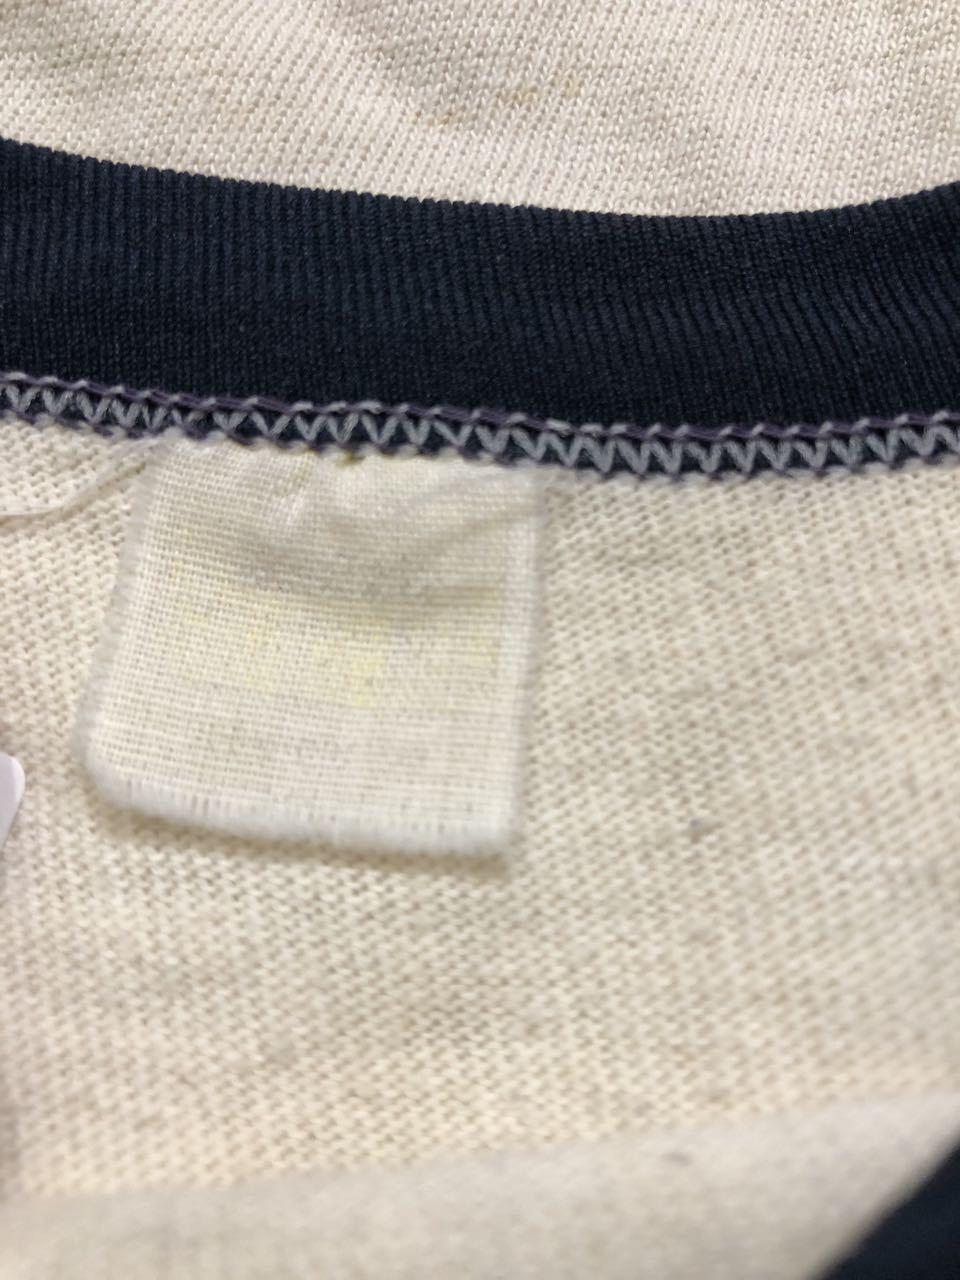 アメリカ仕入れ情報#28 3/14(土)入荷!70s all cotton 染み込みプリント BASEBALL シャツ!_c0144020_14052455.jpg